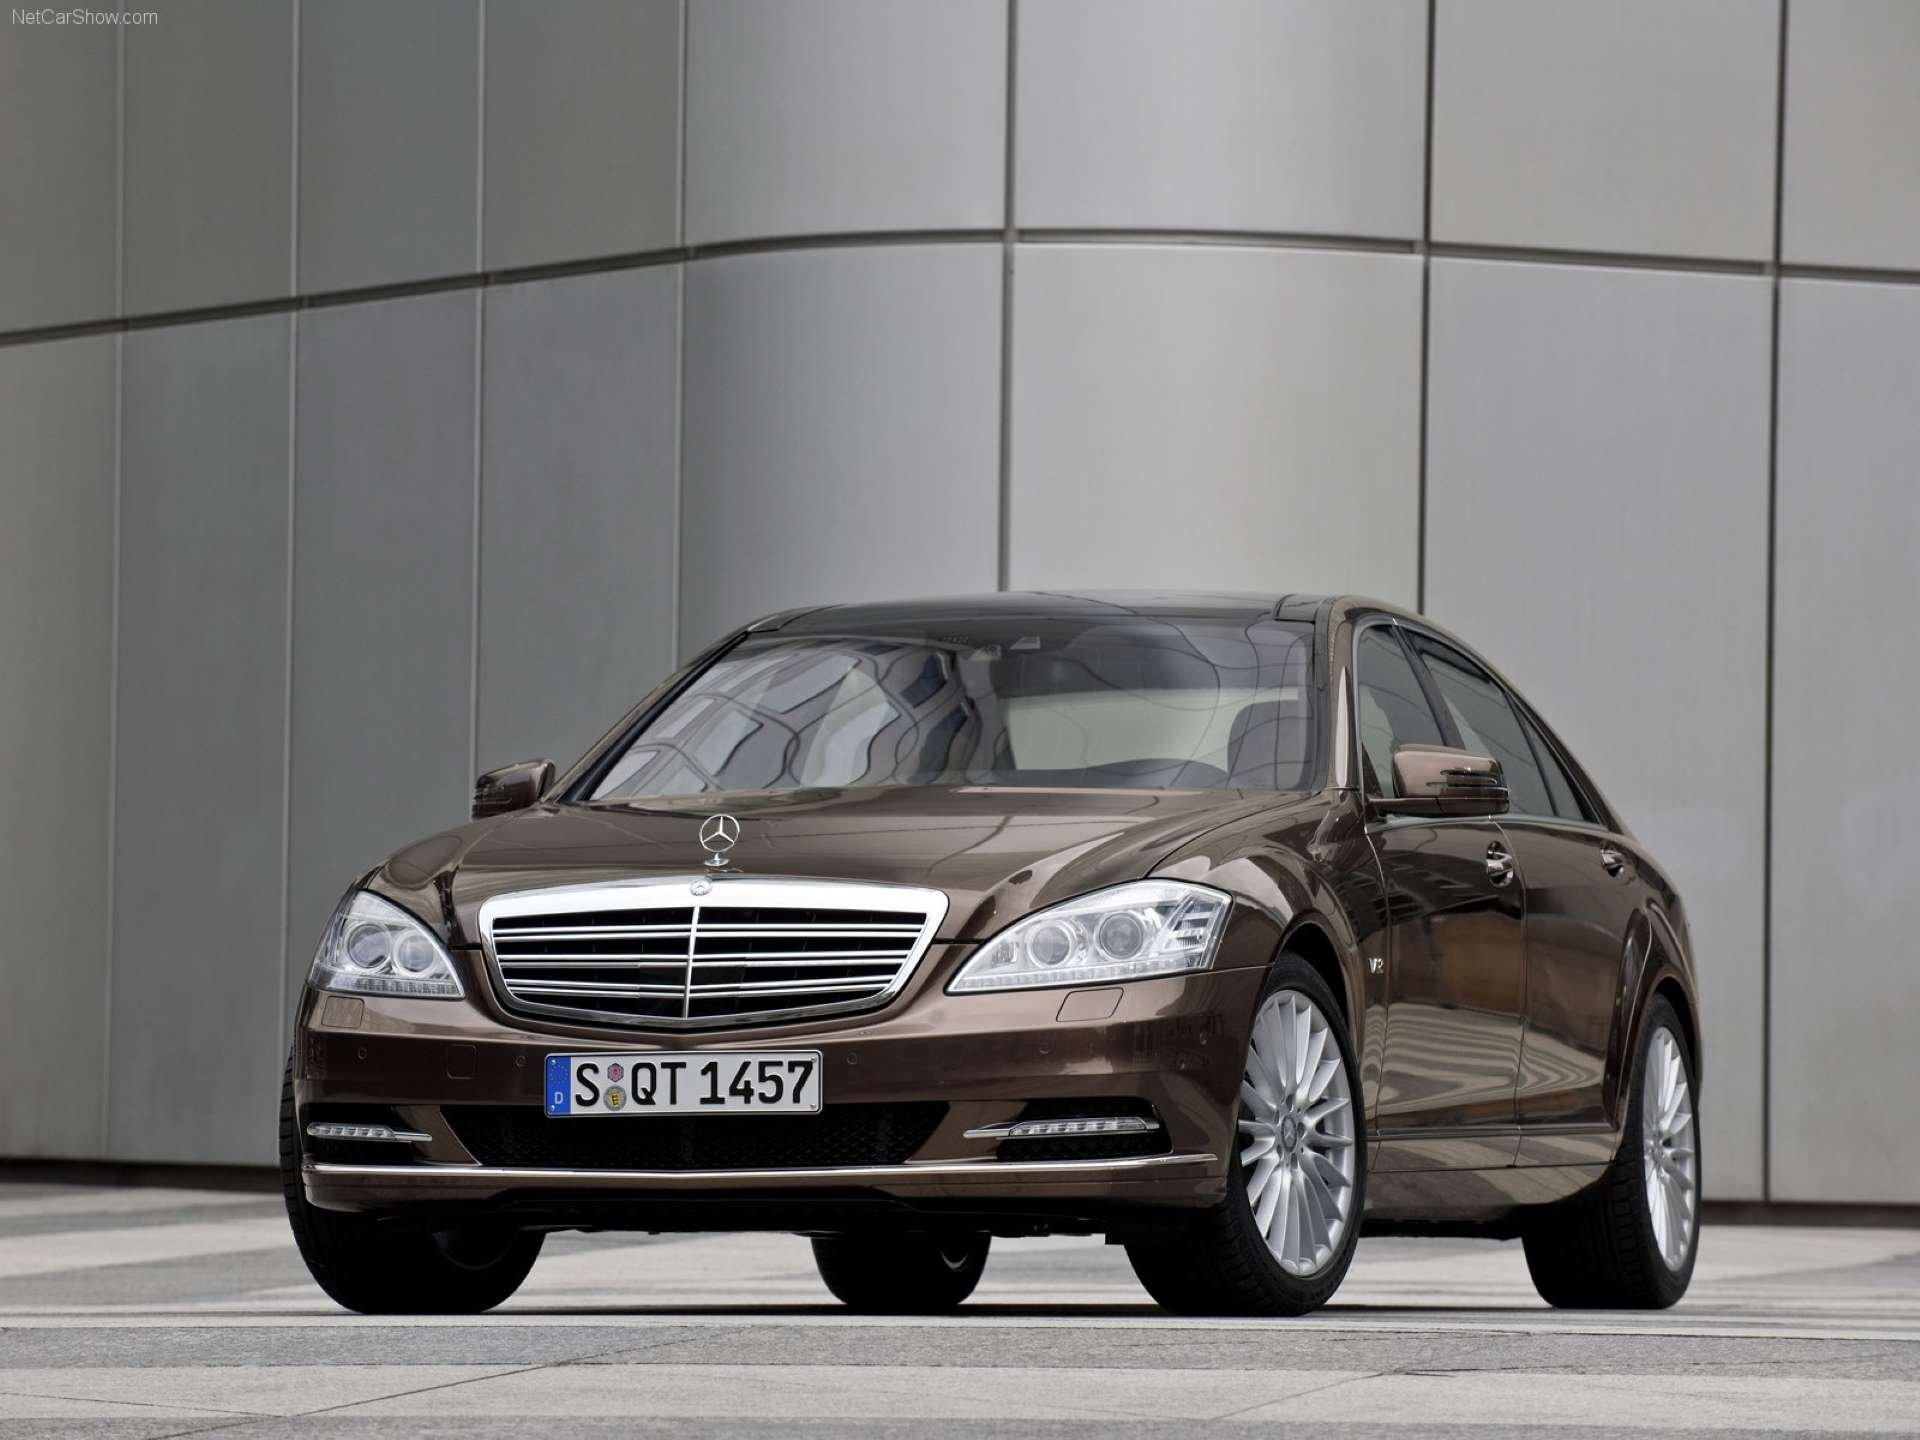 Best RWD Cars under 25K Mercedes-Benz W221 front three-quarter